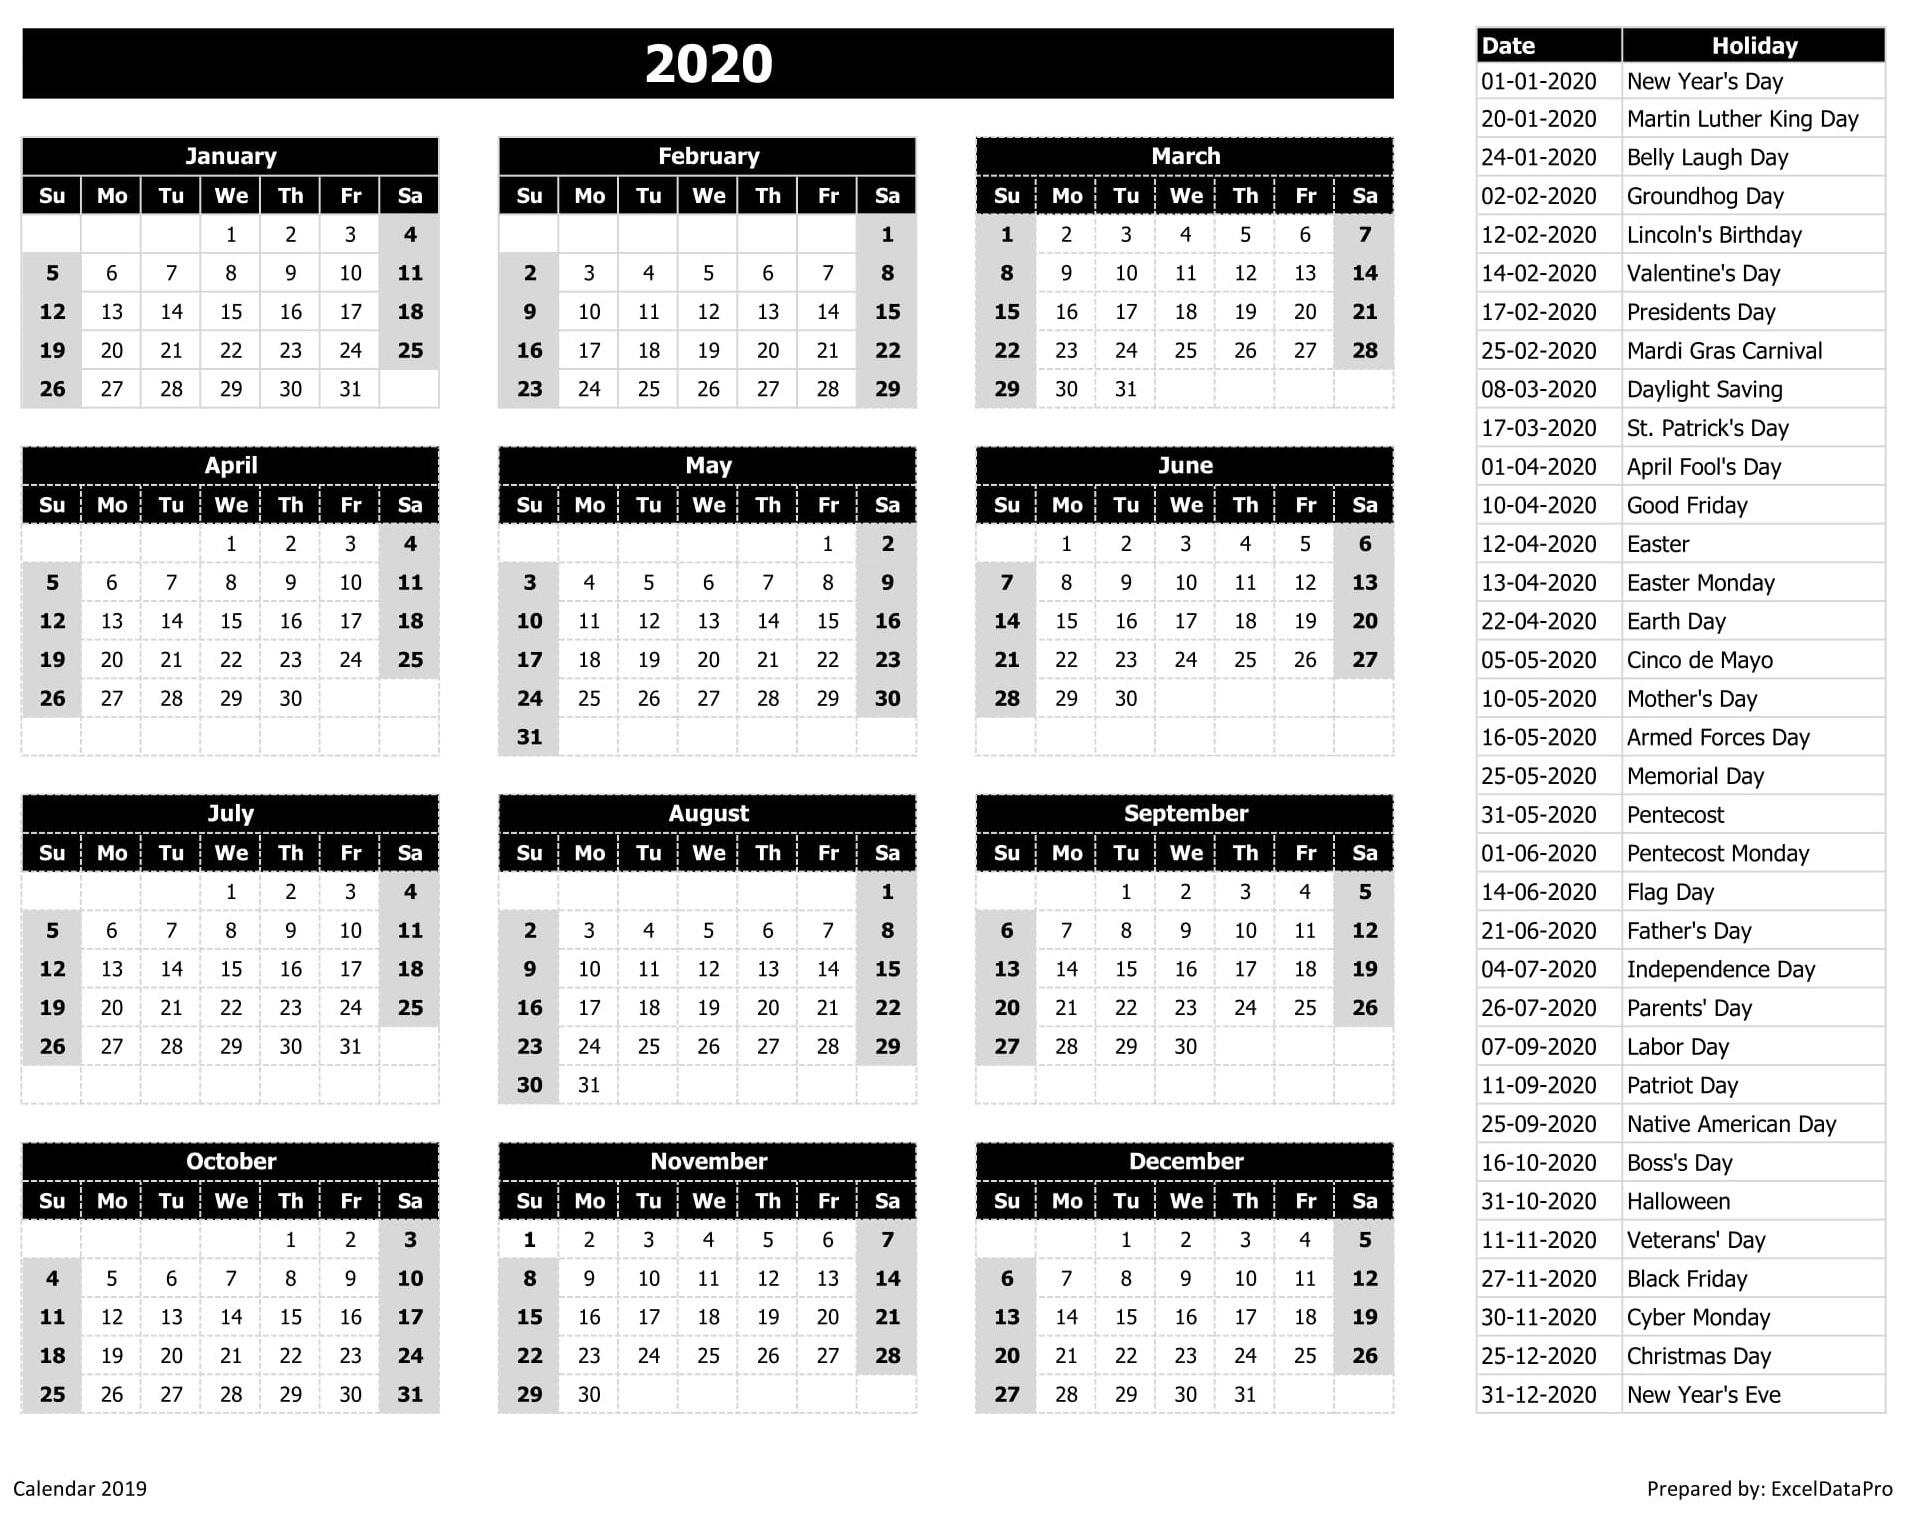 2020 Calendar Holiday List